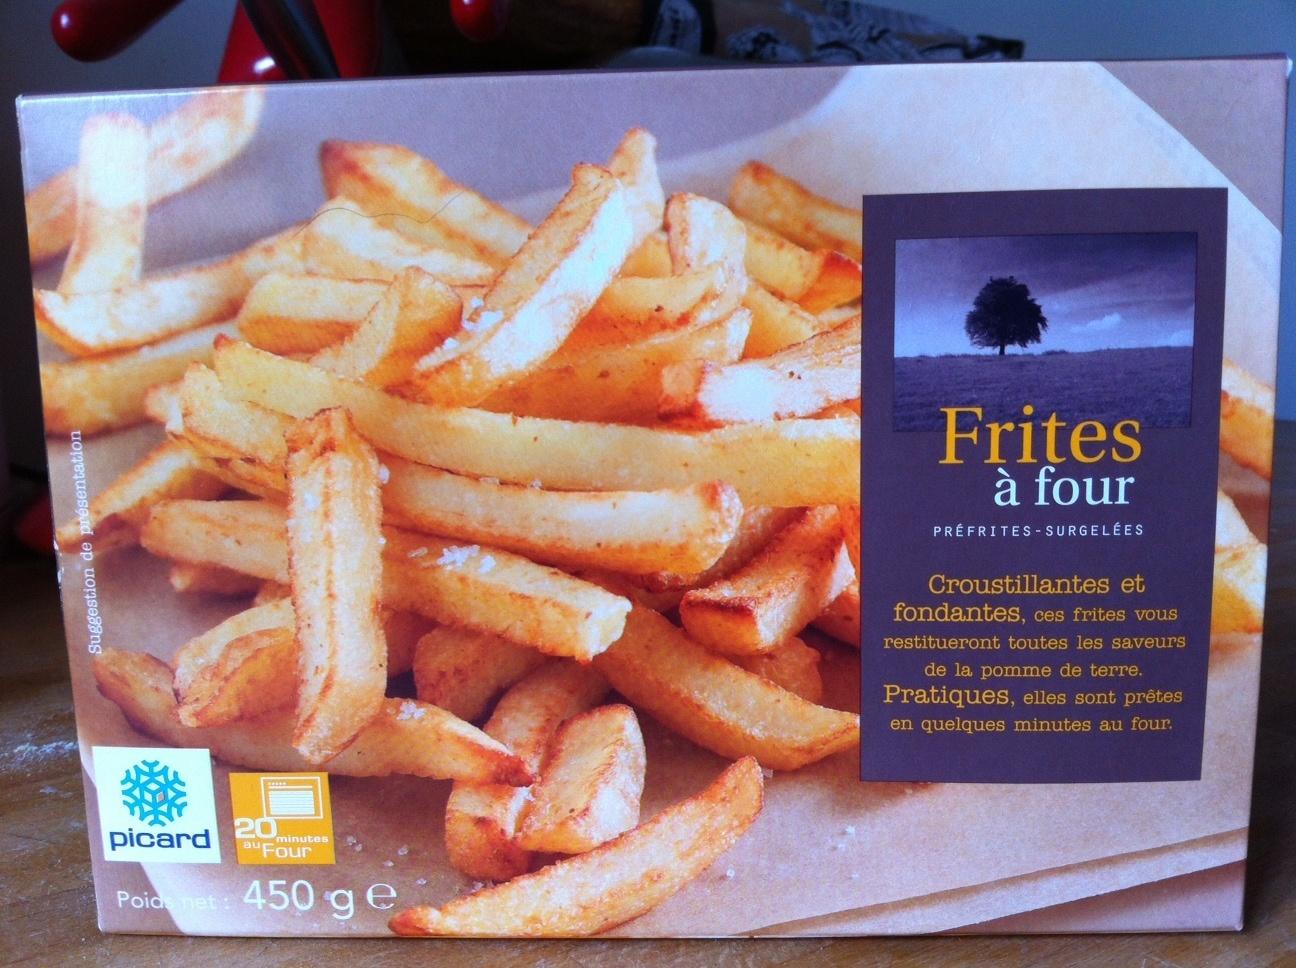 Frites à four - Product - fr